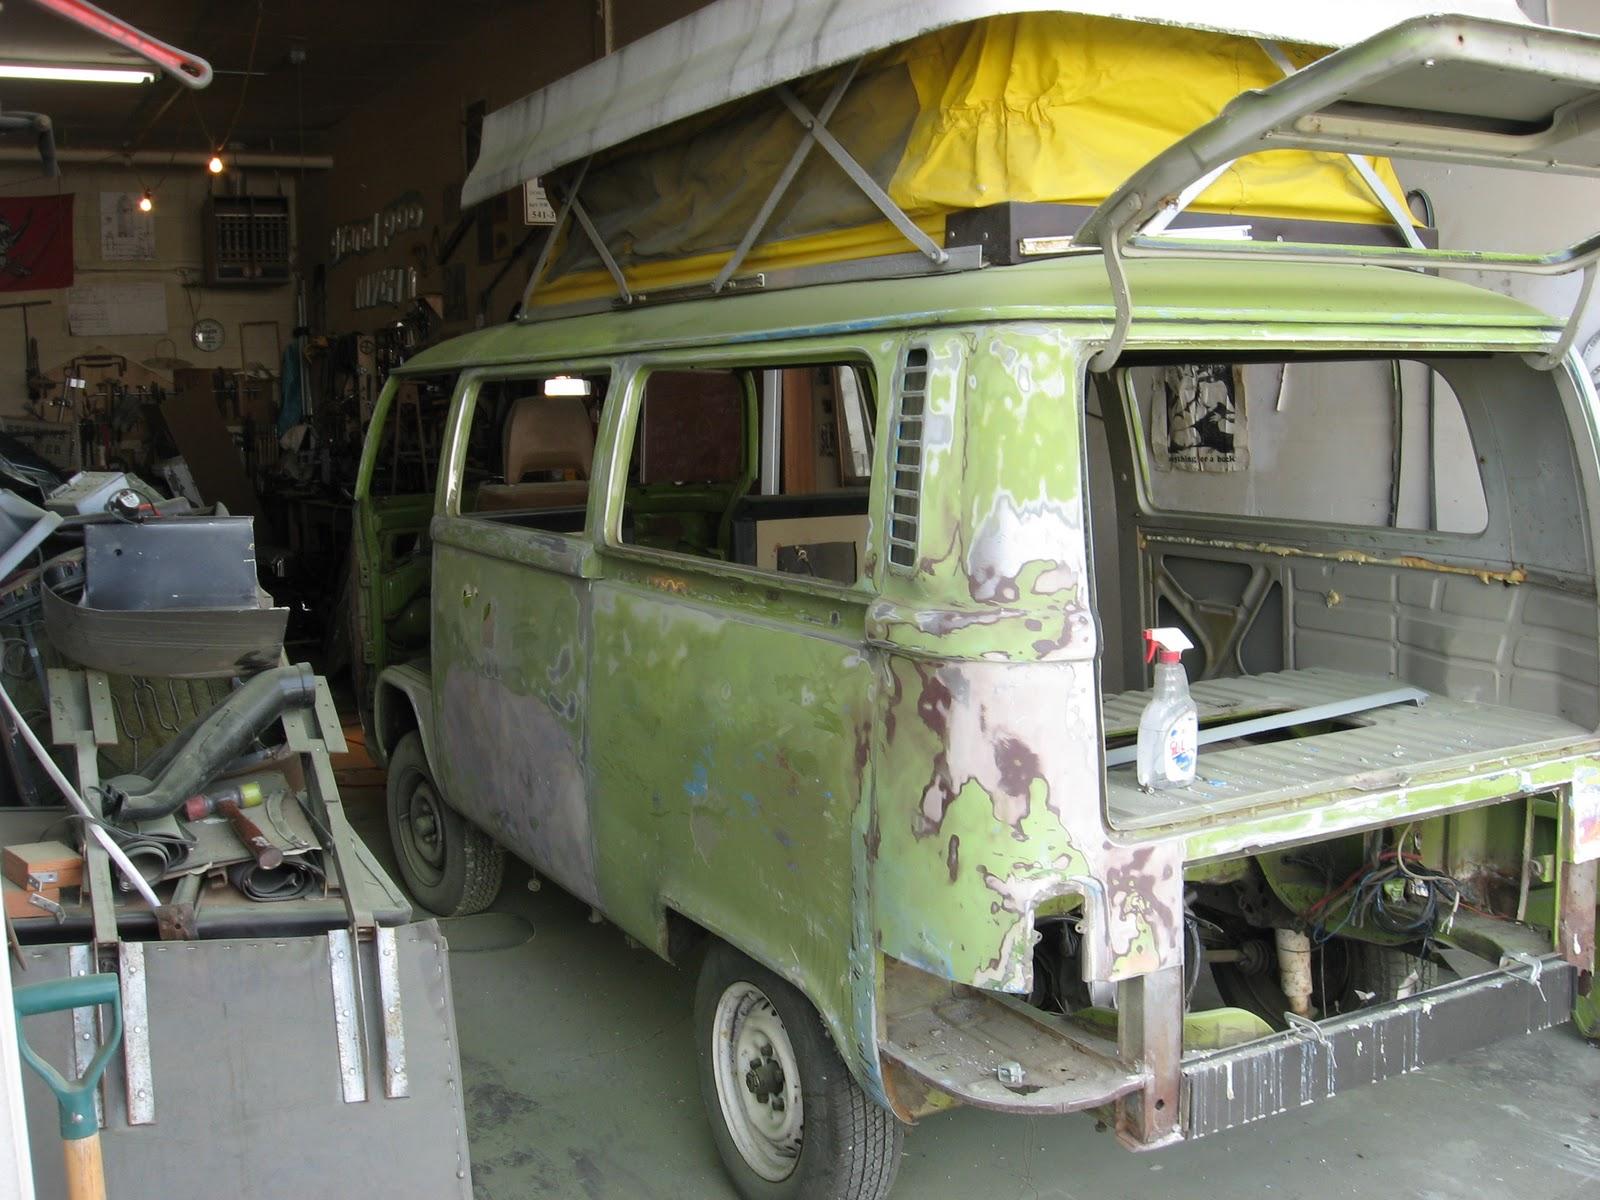 melmo restoration bus gets a nose job 1977 vw riviera camper for sale